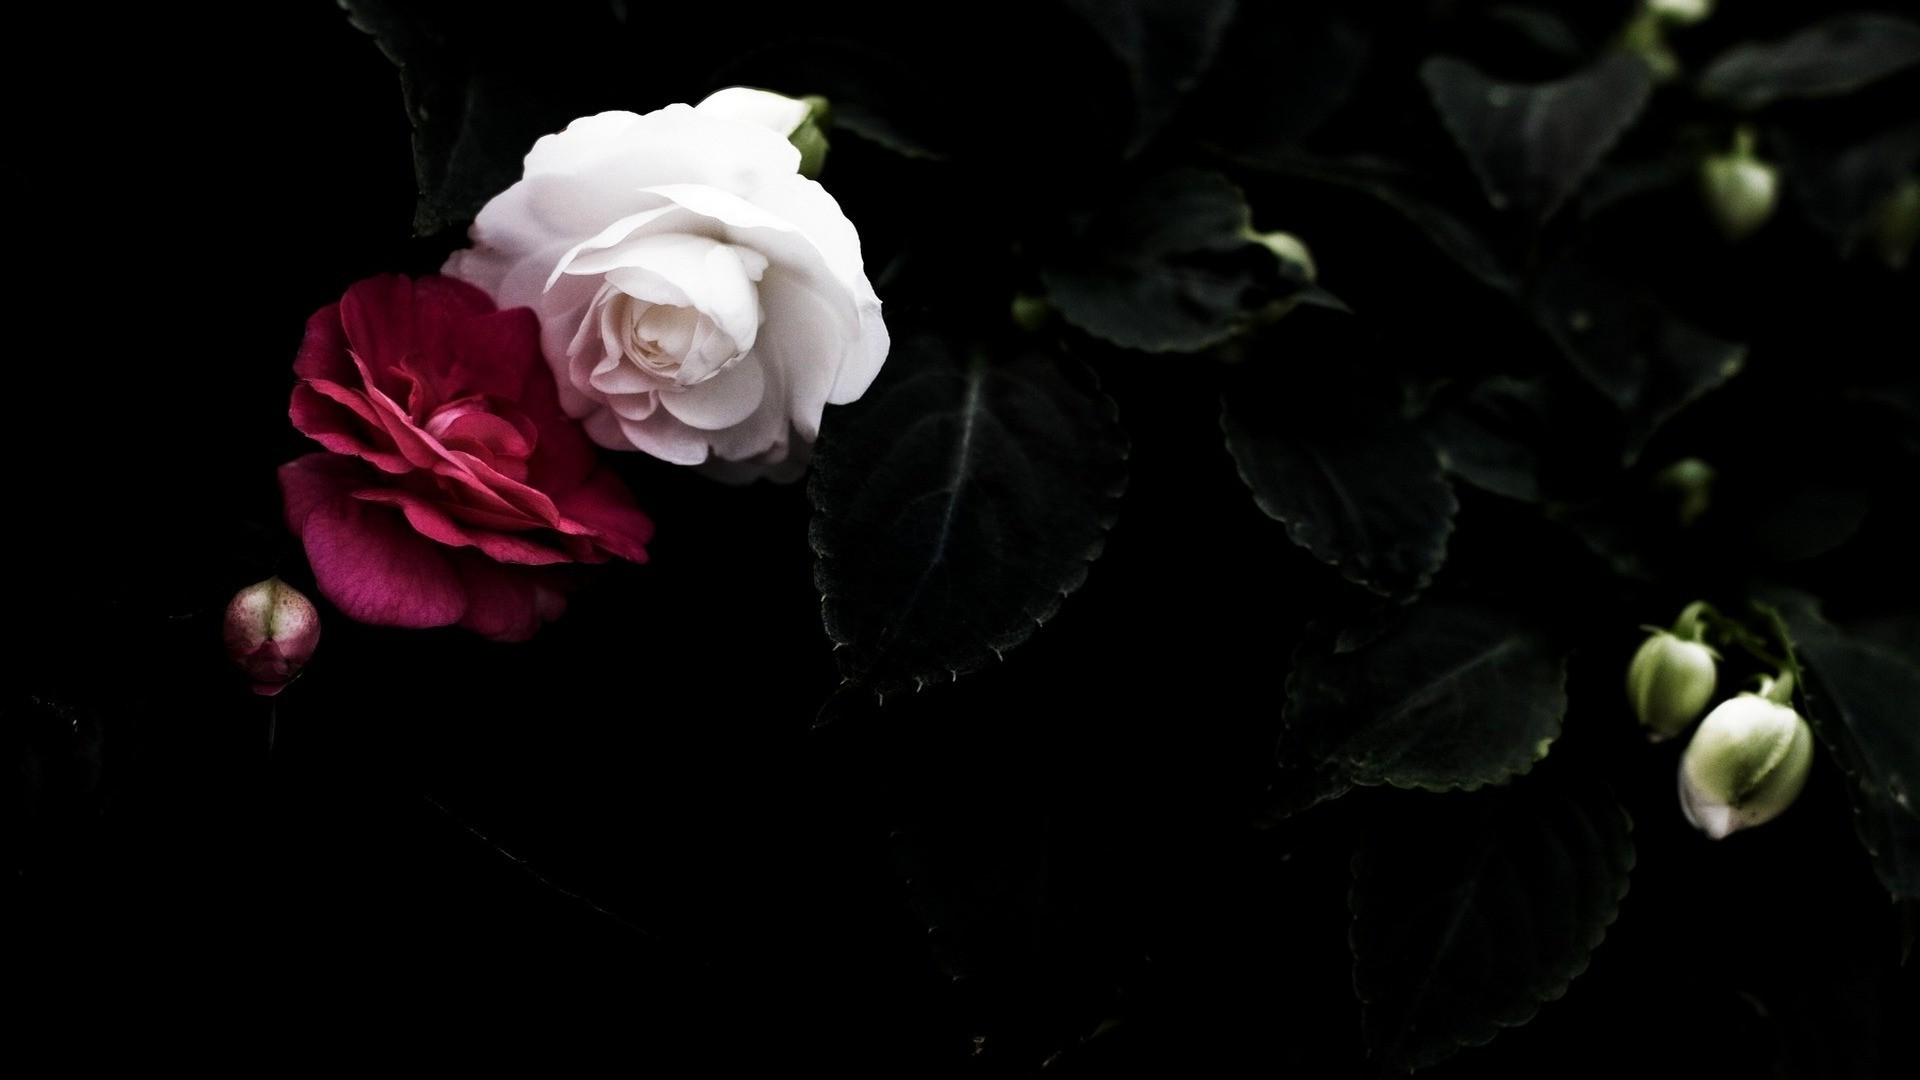 Dark Red Roses Wallpaper (59+ images)